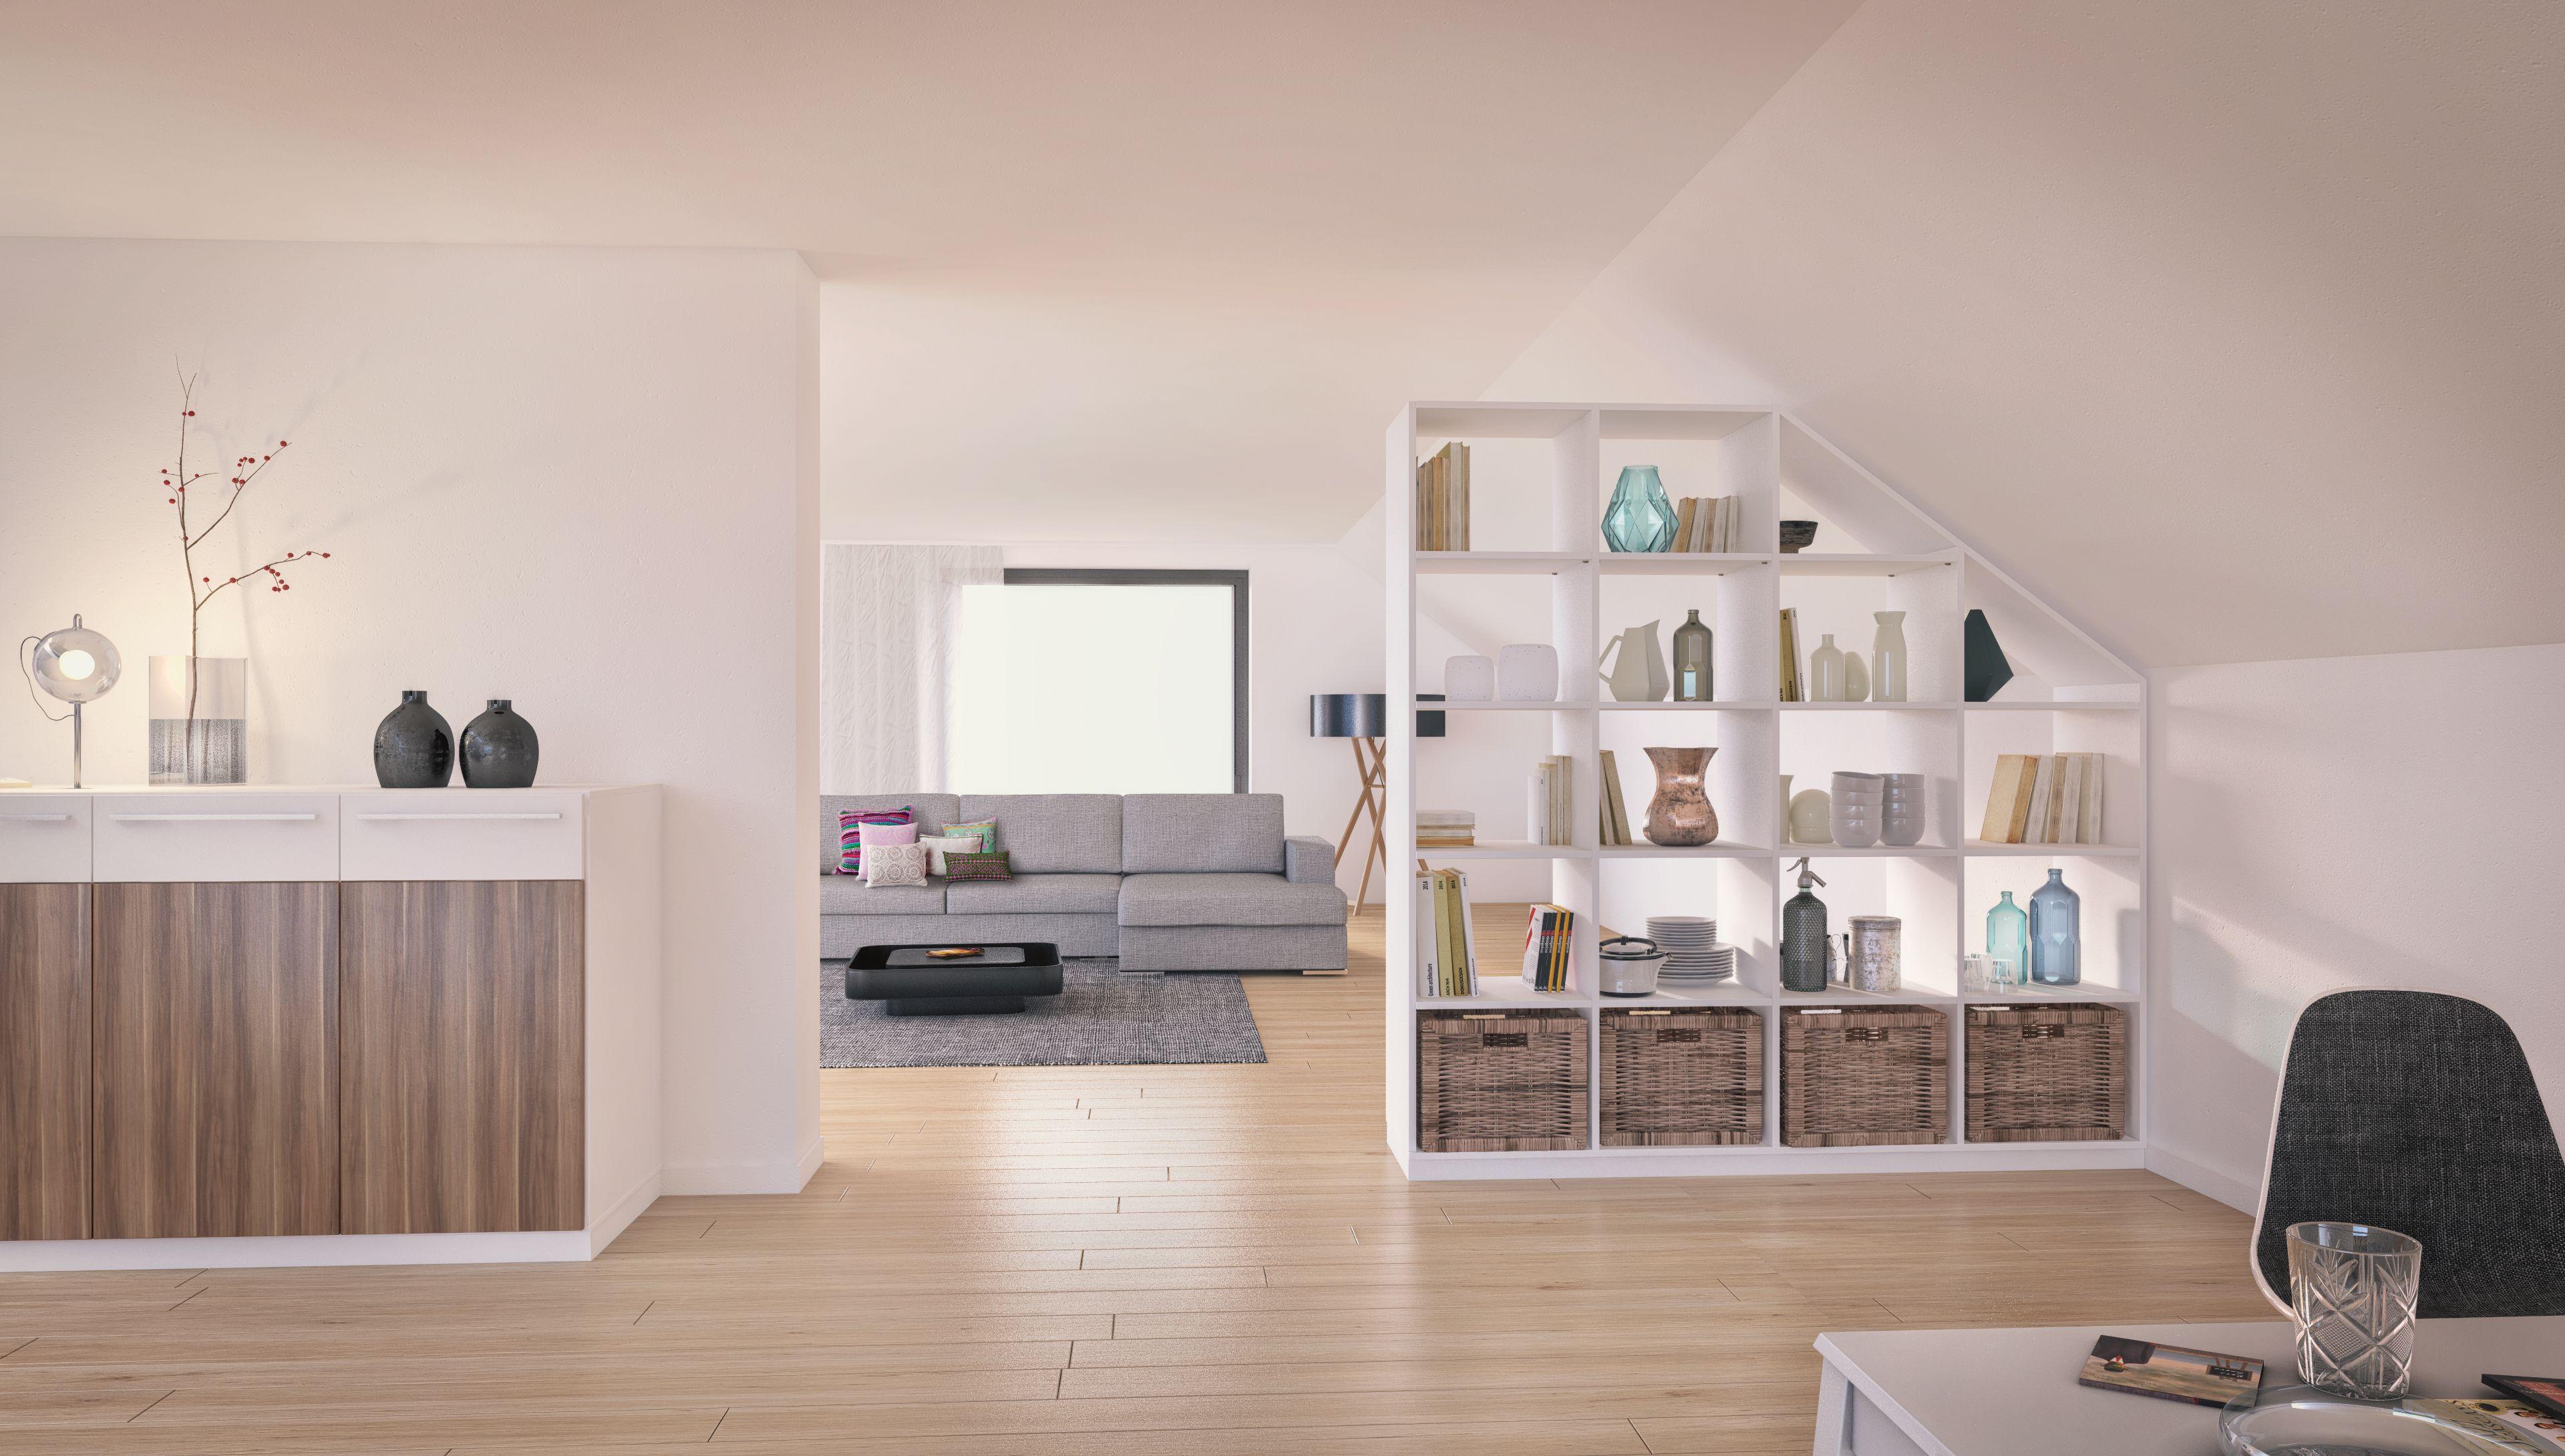 ikea schlafzimmer raumteiler | 55 raumteiler ideen mit einmaligem